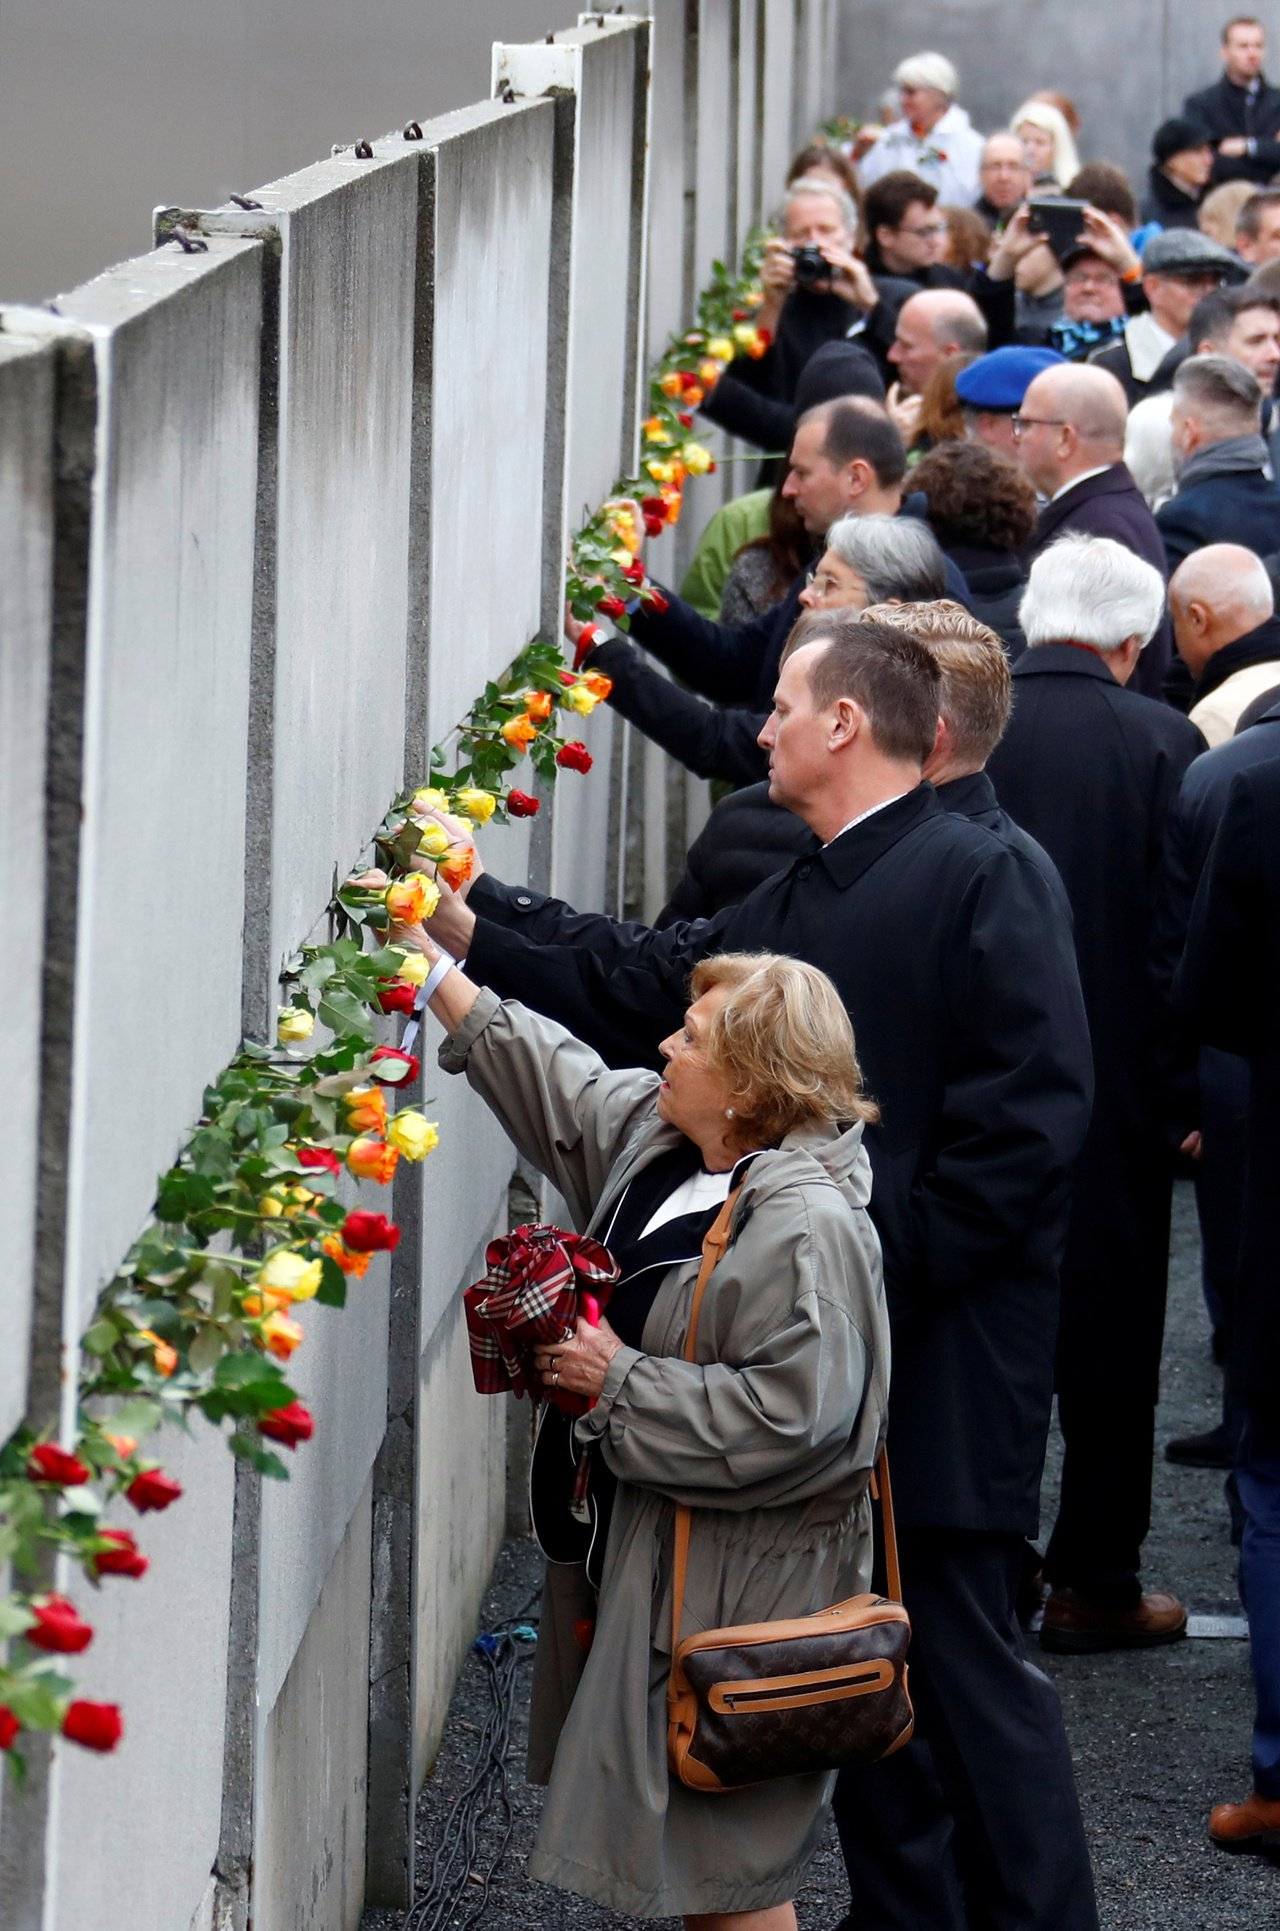 德國柏林圍牆倒塌30周年,德國領導人和與會者9日在柏林圍牆遺跡插上玫瑰哀悼因試圖...